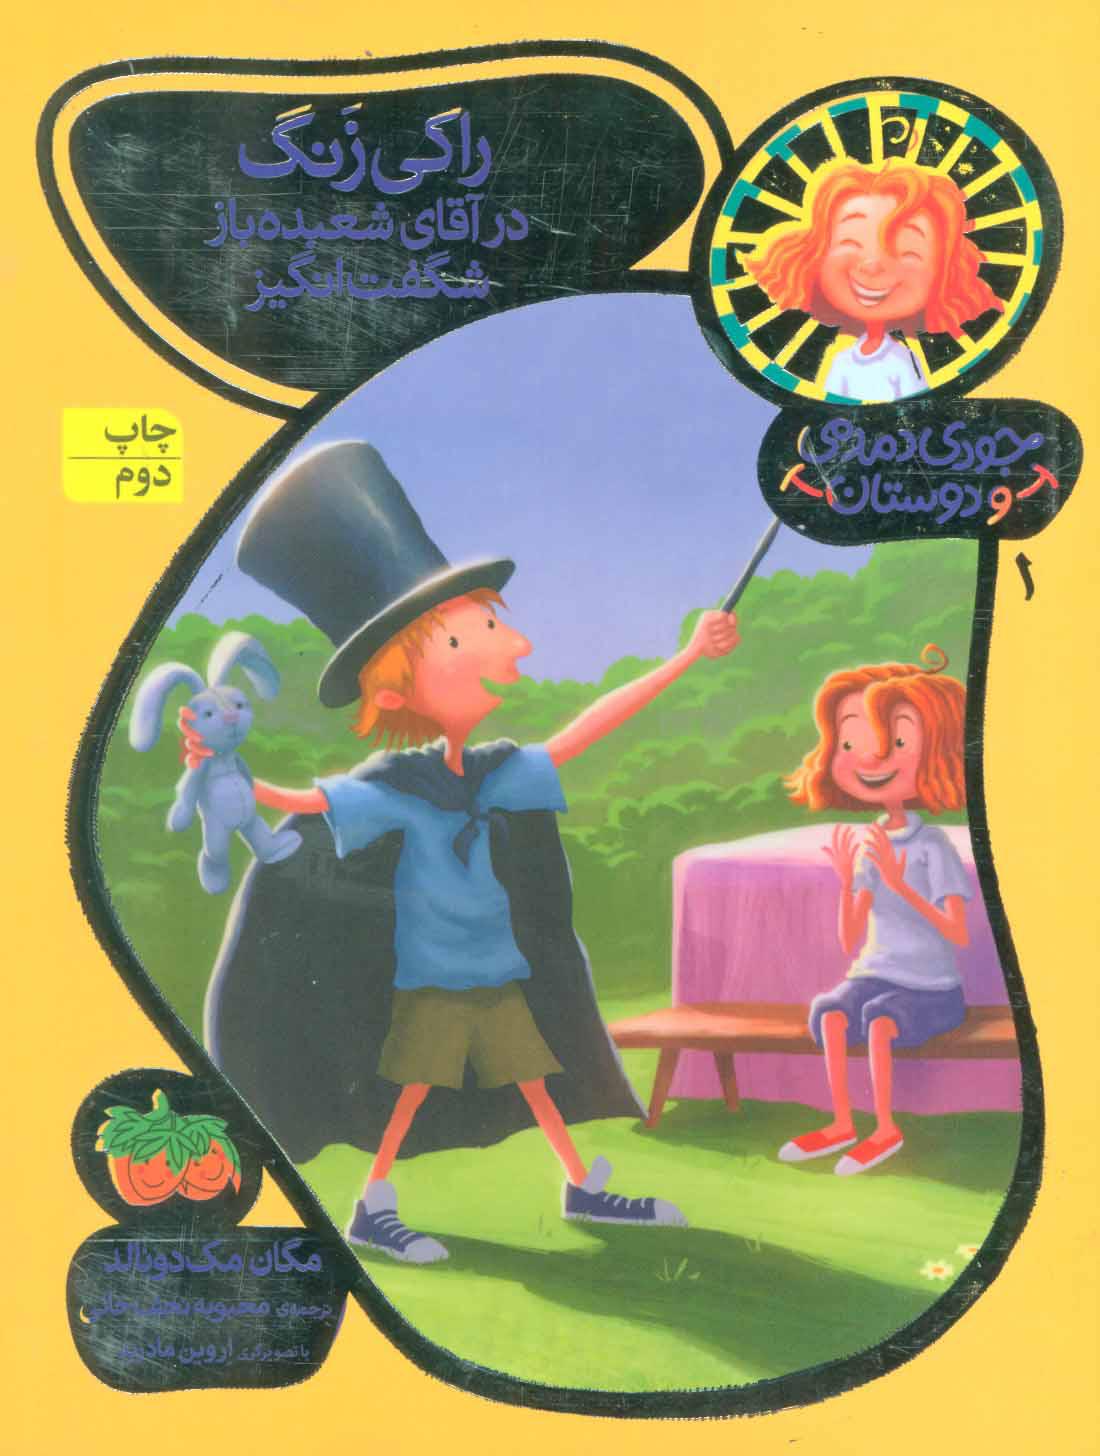 کتاب راکی زنگ در آقای شعبده باز شگفت انگیز